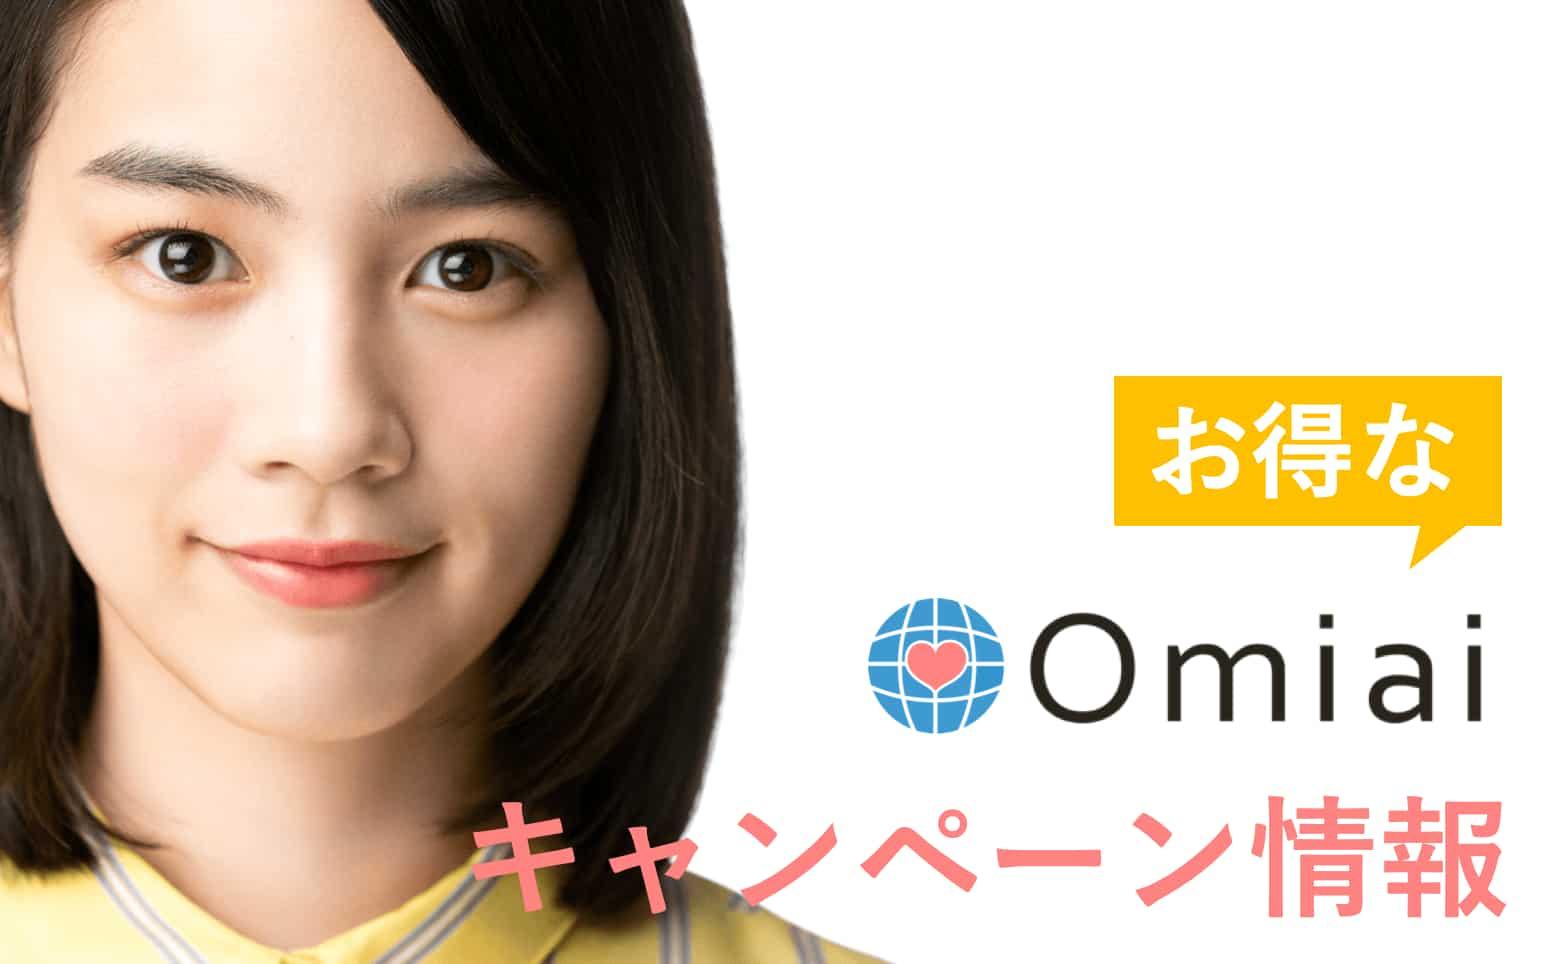 Omiaiキャンペーン記事アイキャッチ